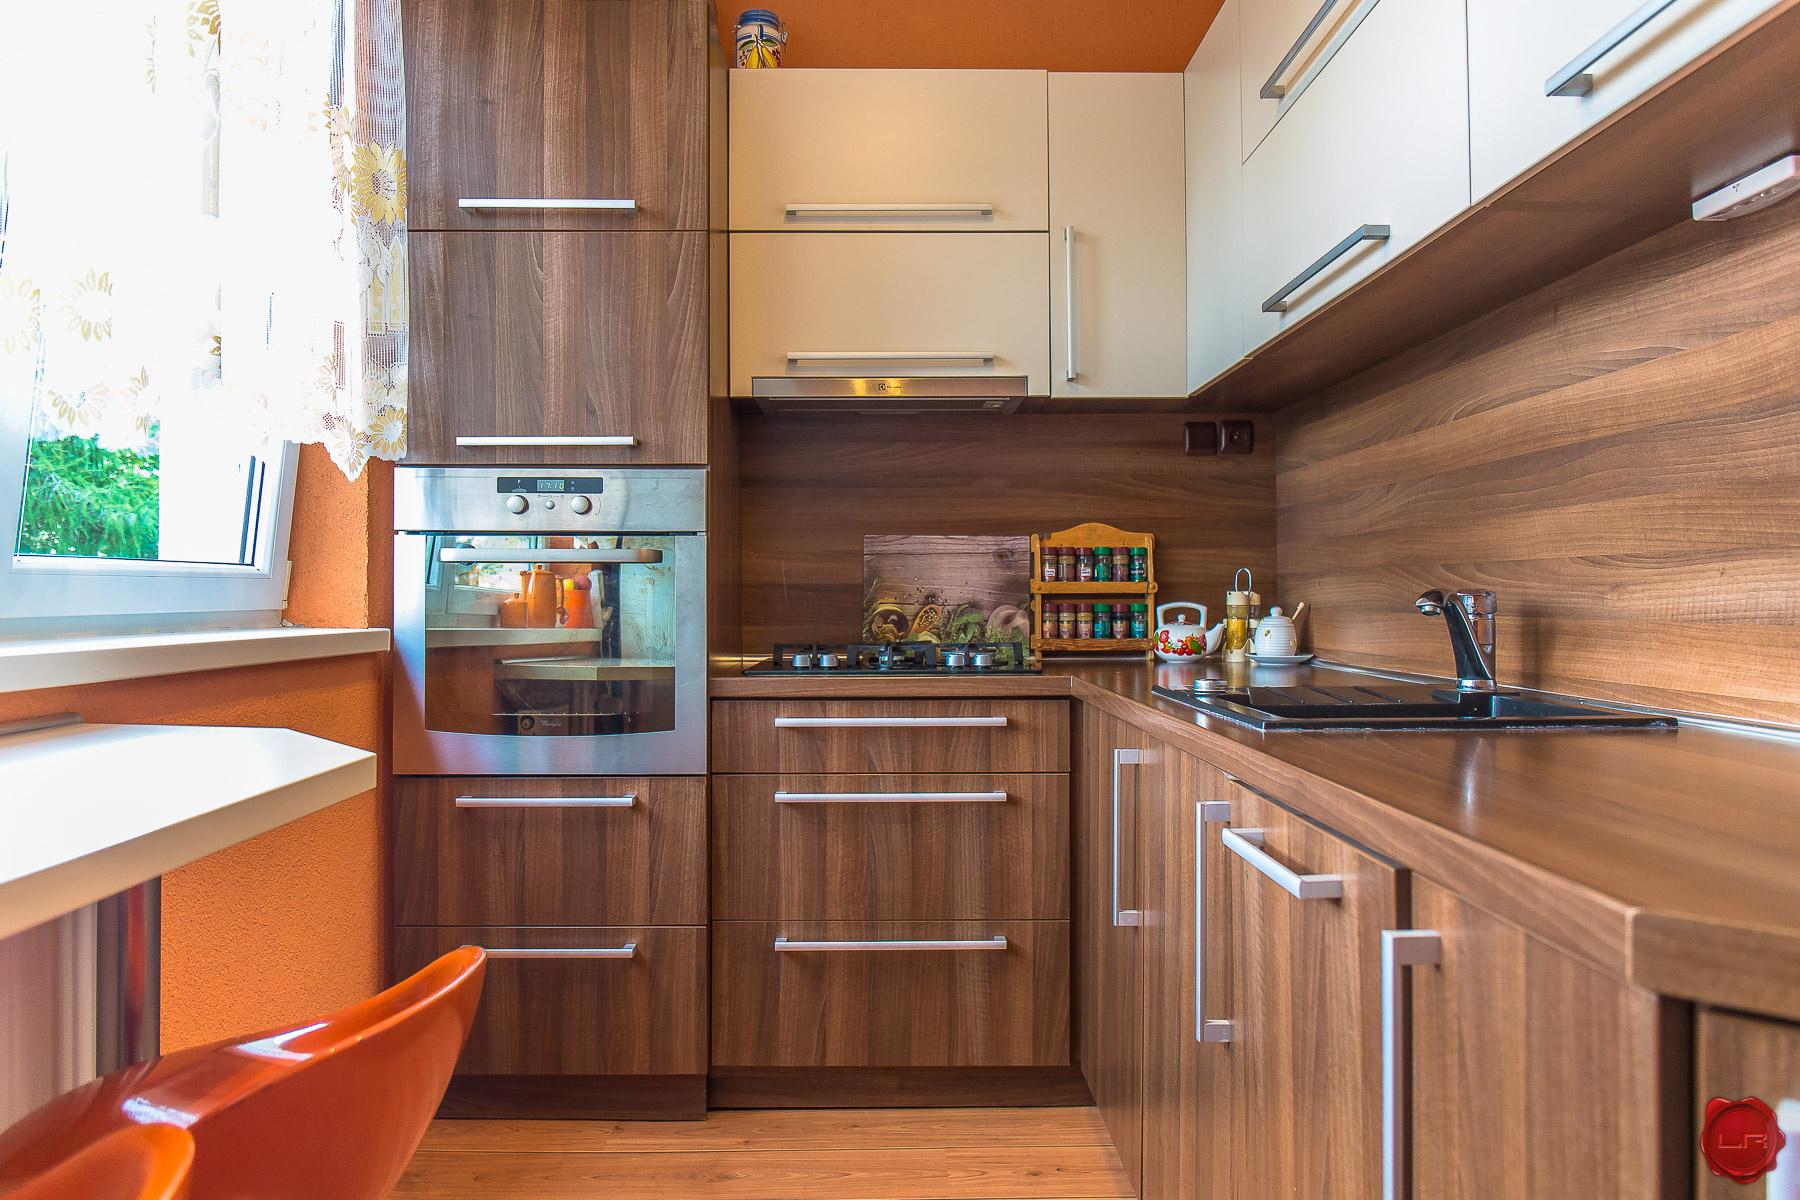 znížená cena! Byt 2+1 (60 m2) centrum Spišská Nová Ves